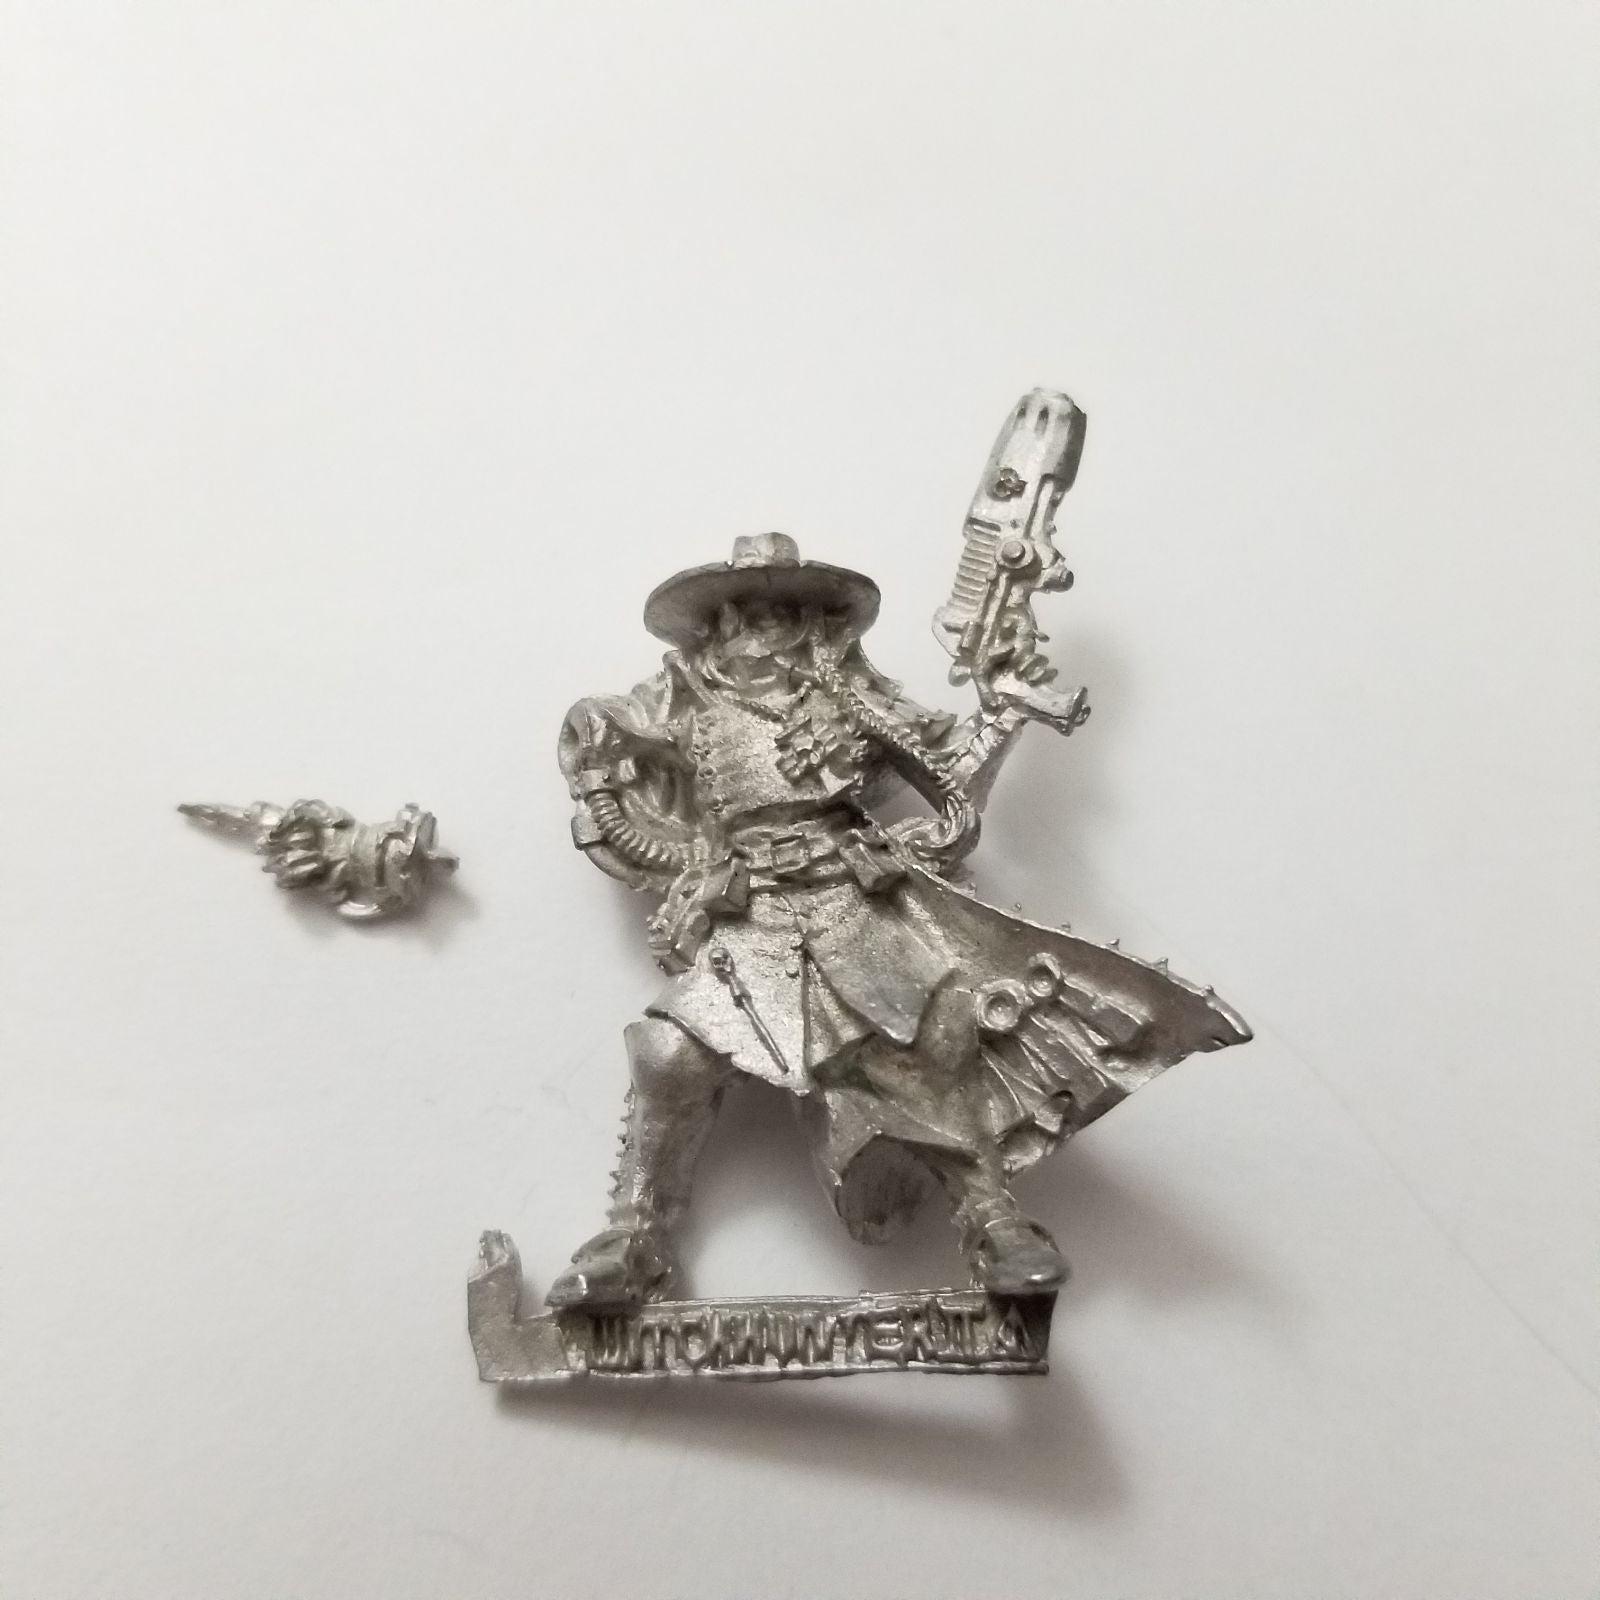 warhammer 40k witchhunter Gideon Lorr